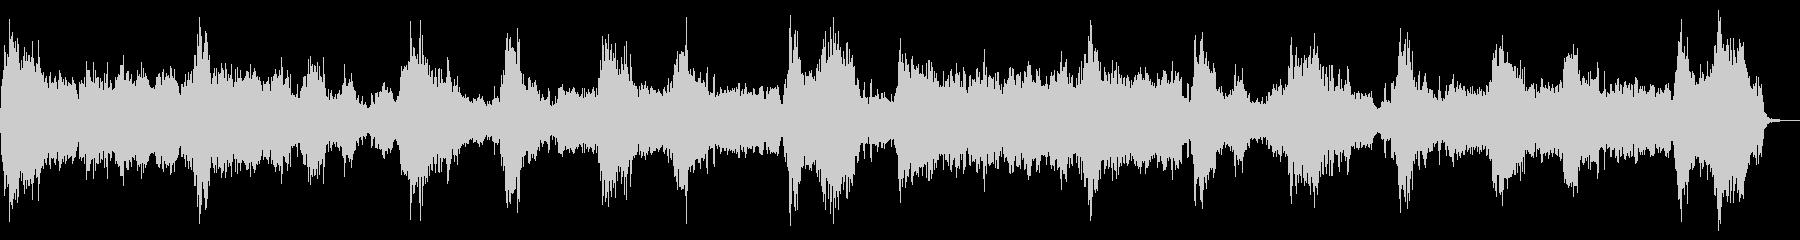 ダークなストリングス ピアノ 恐怖を演出の未再生の波形